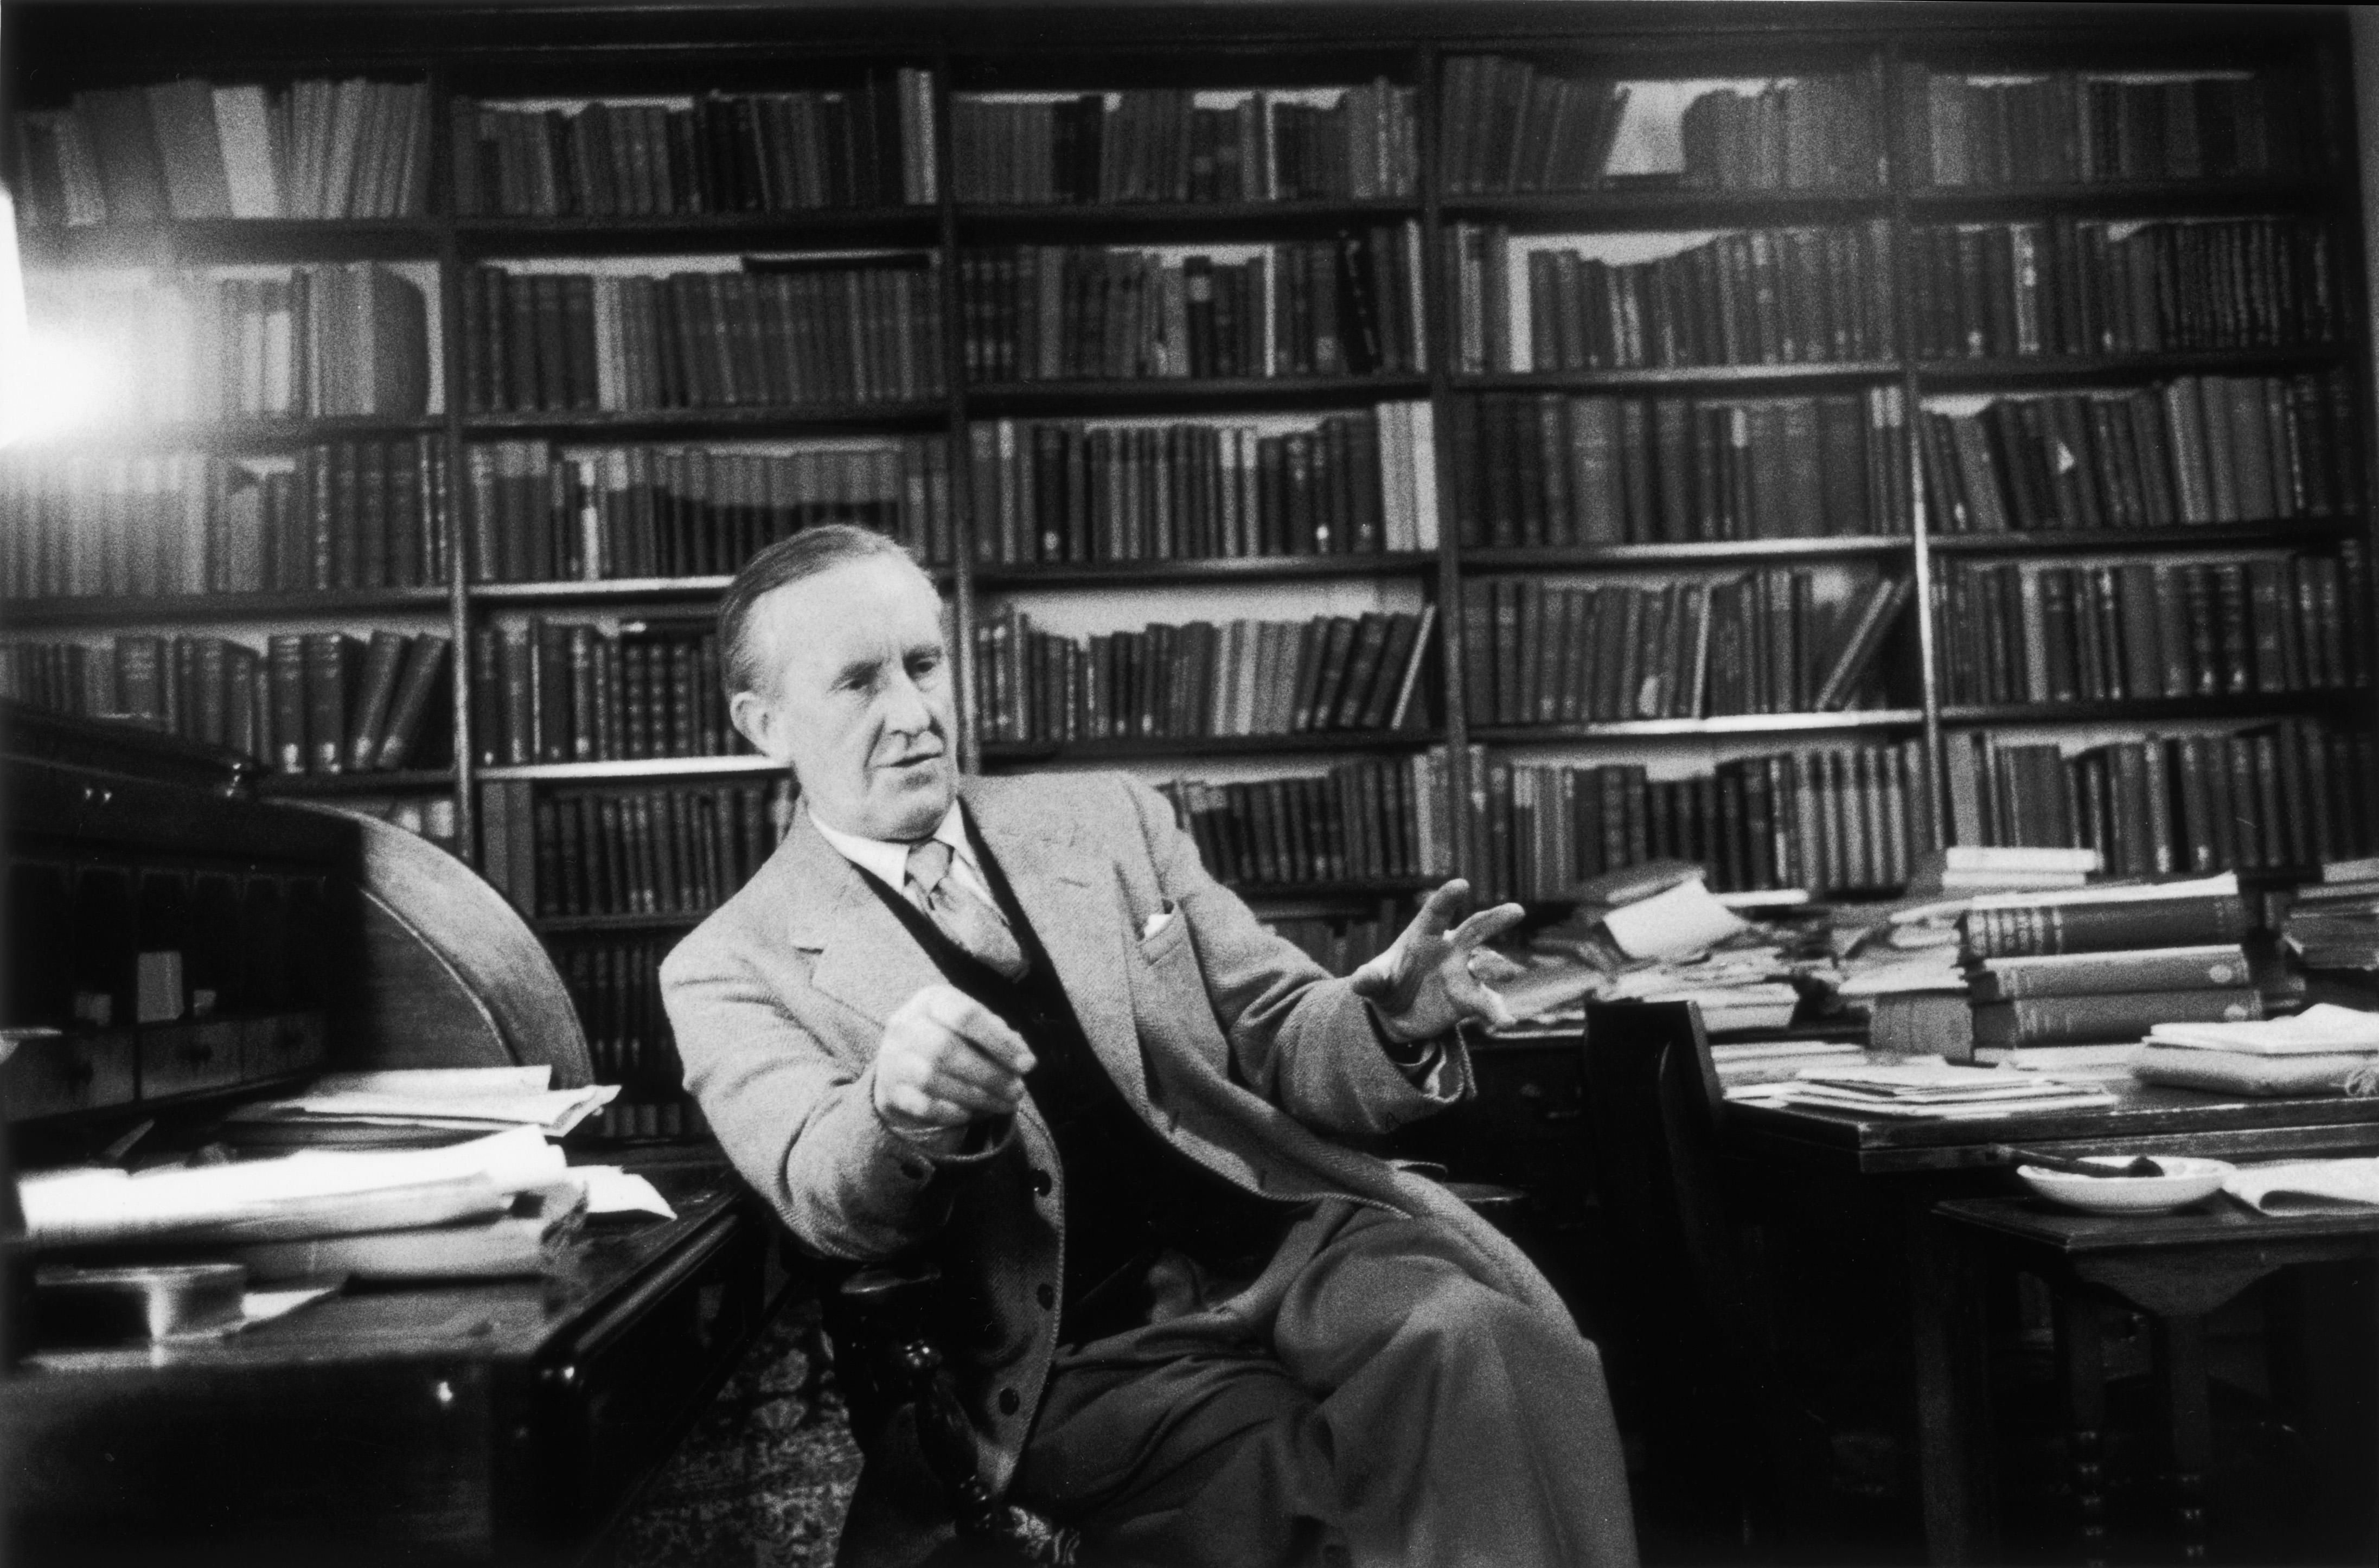 Christopher Tolkien, Fantasy Legend's Son, Dies